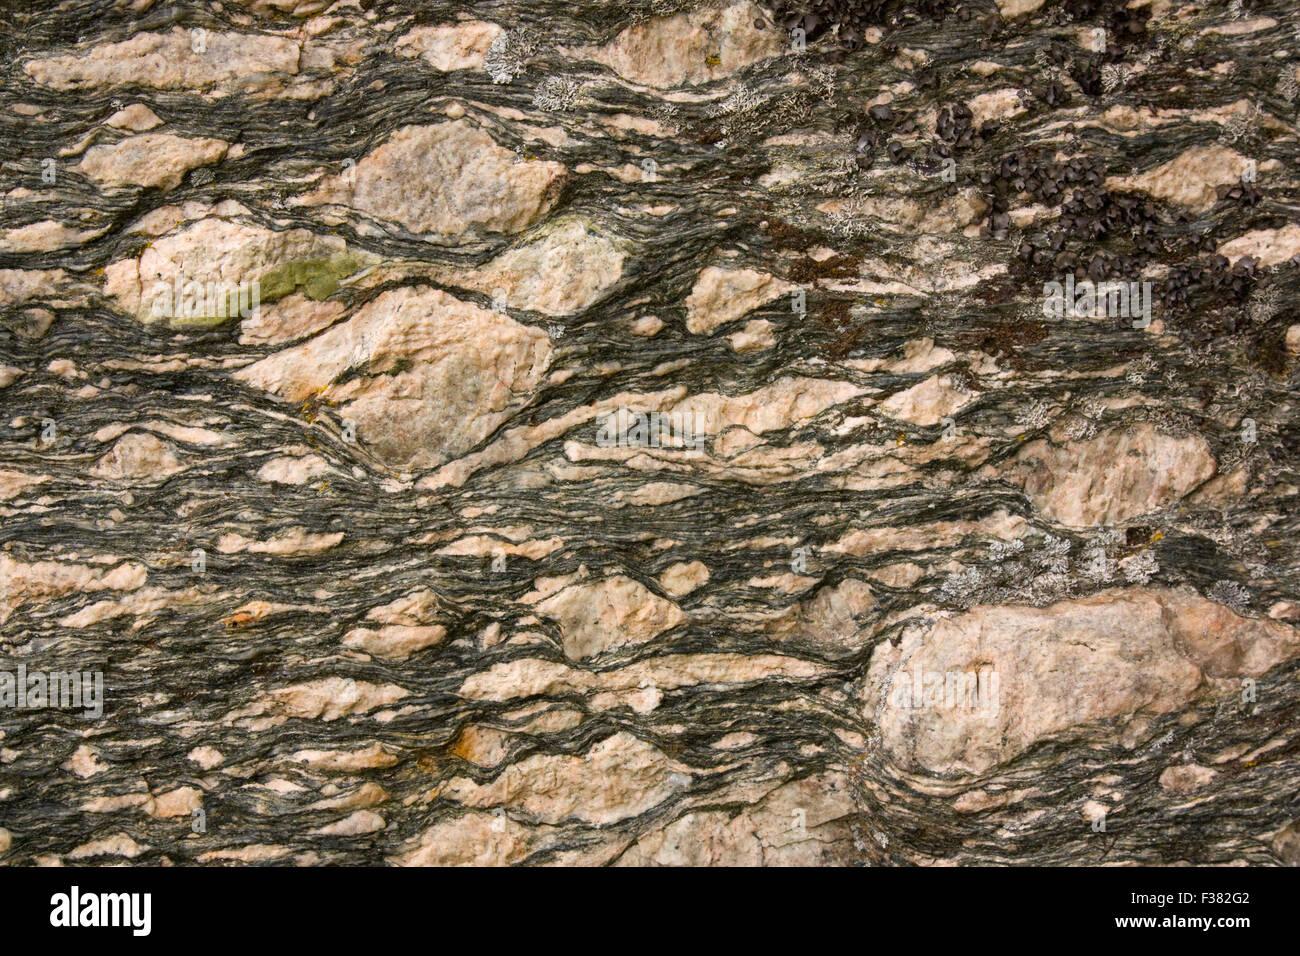 Mylonite with K-feldspar porphyroblasts - Stock Image